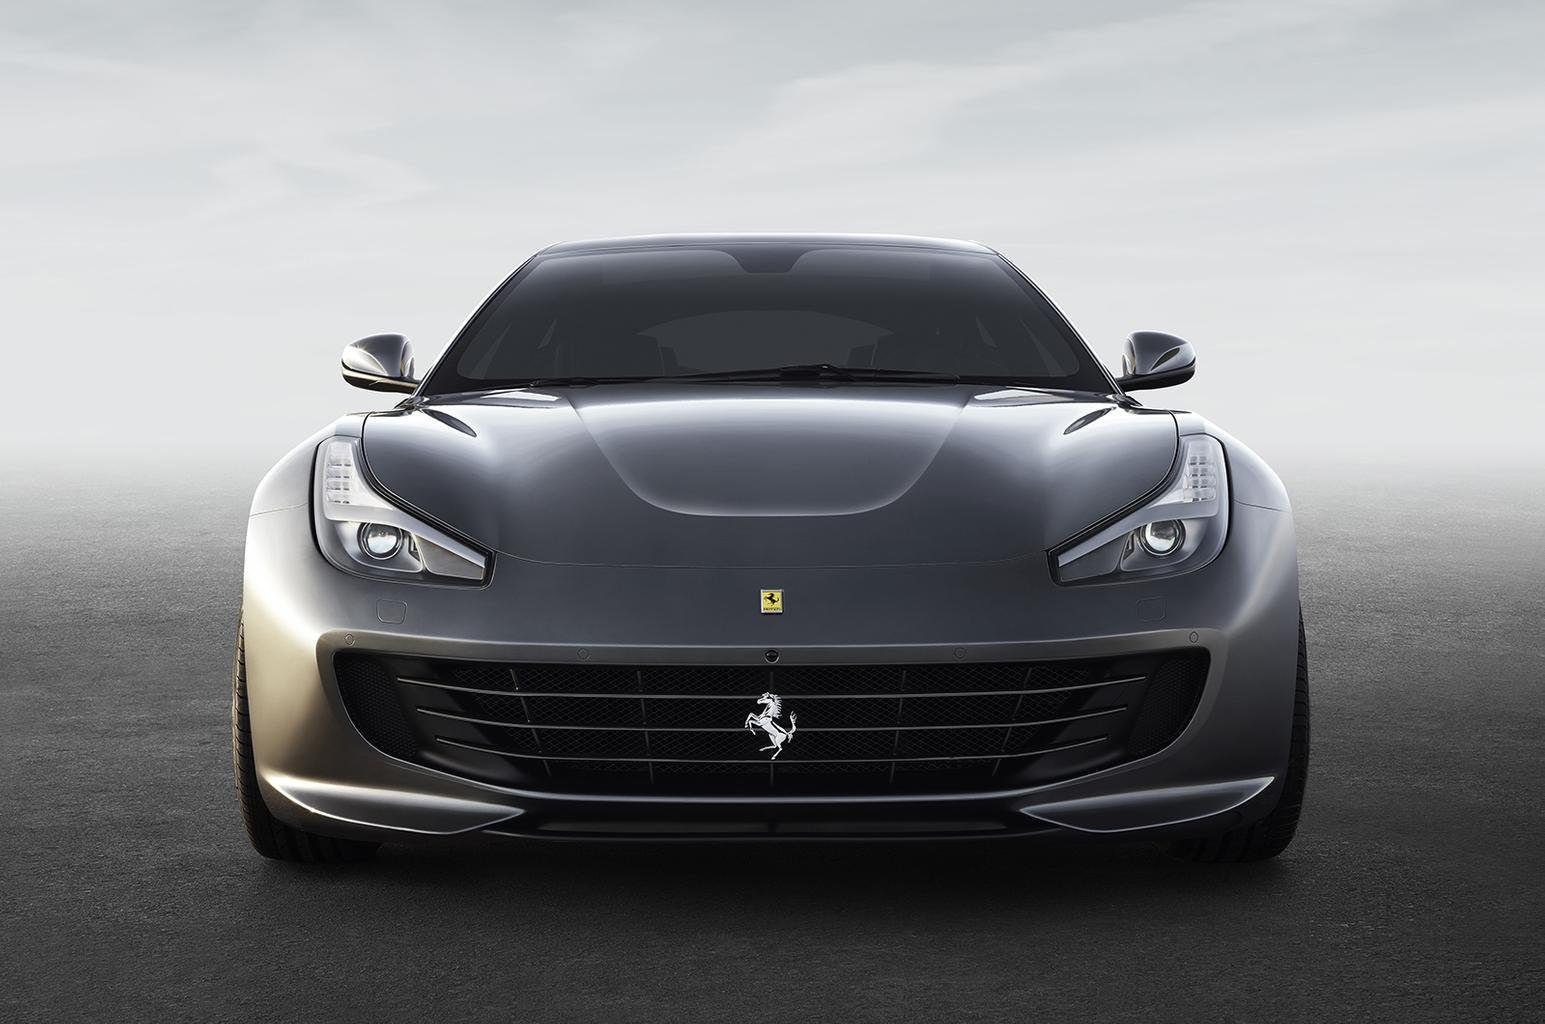 New Ferrari GTC4Lusso revealed